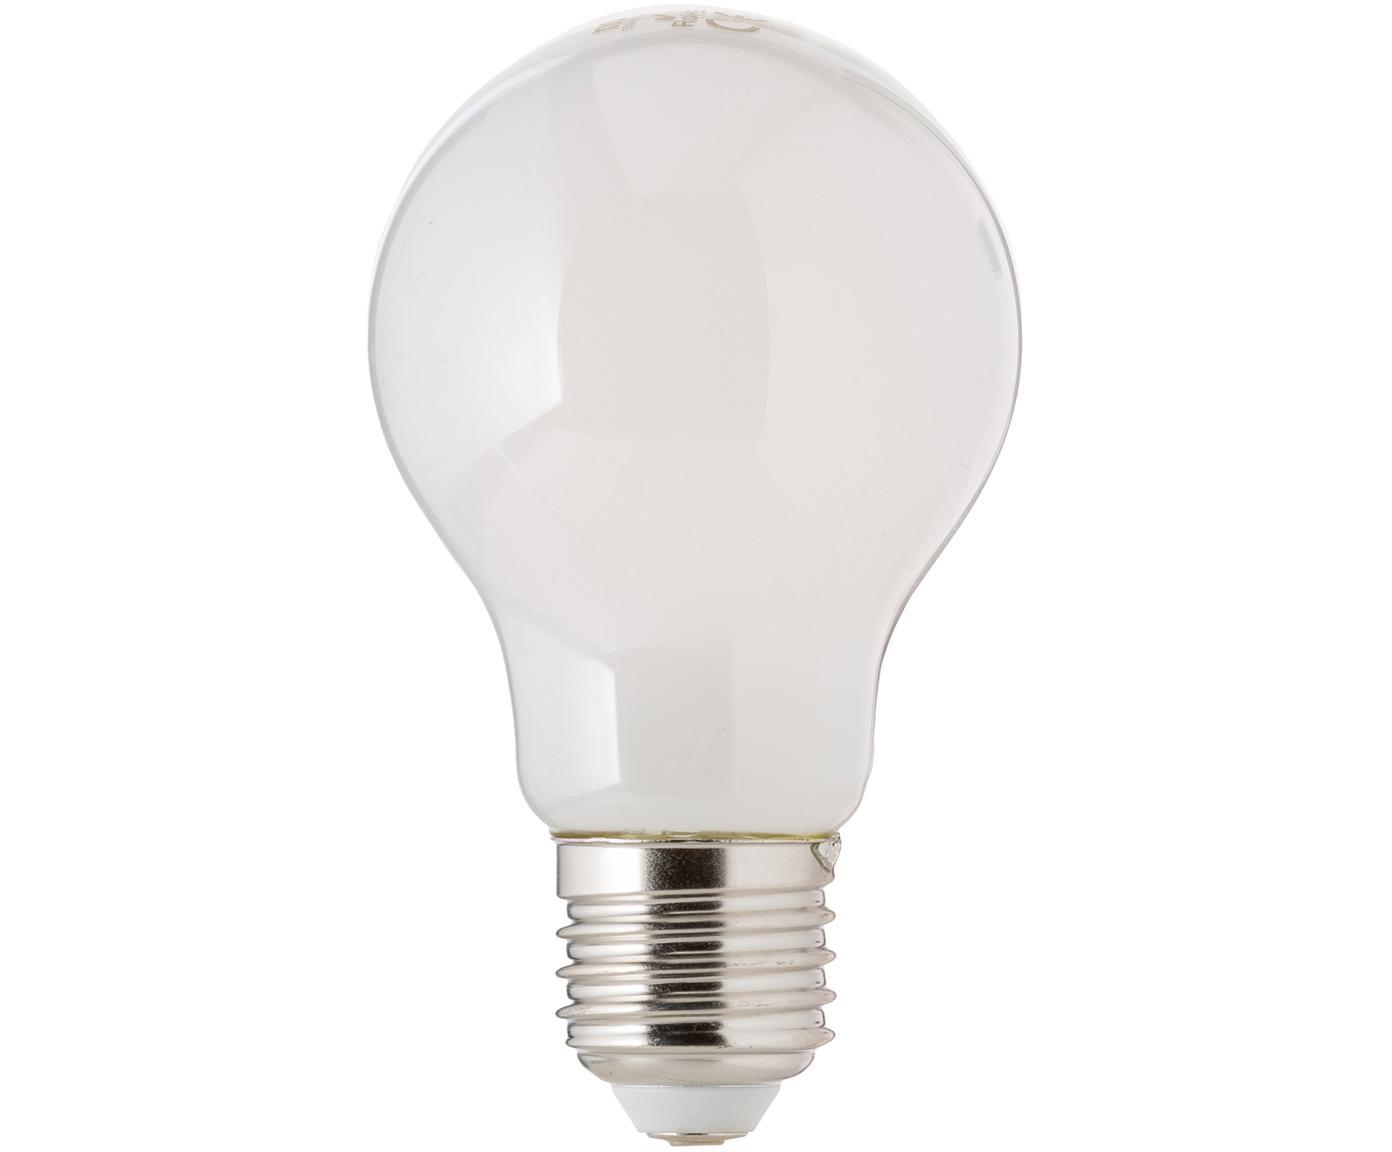 Żarówka z funkcją przyciemniania Bafa (E27/8,3 W), 3 szt., Biały, Ø 8 x W 10 cm